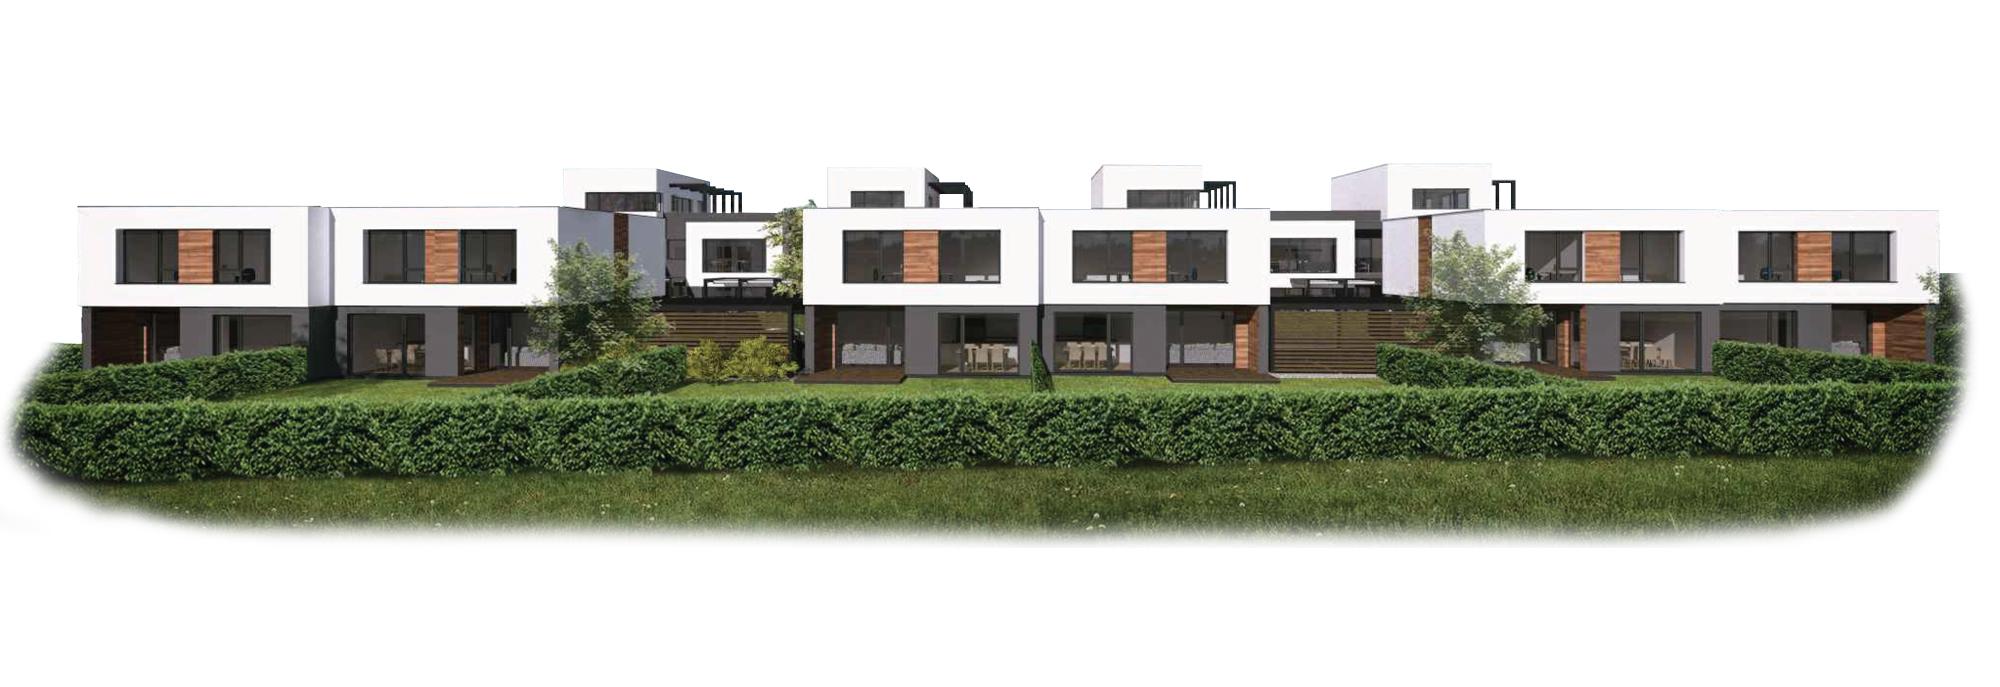 Vrstne hiše